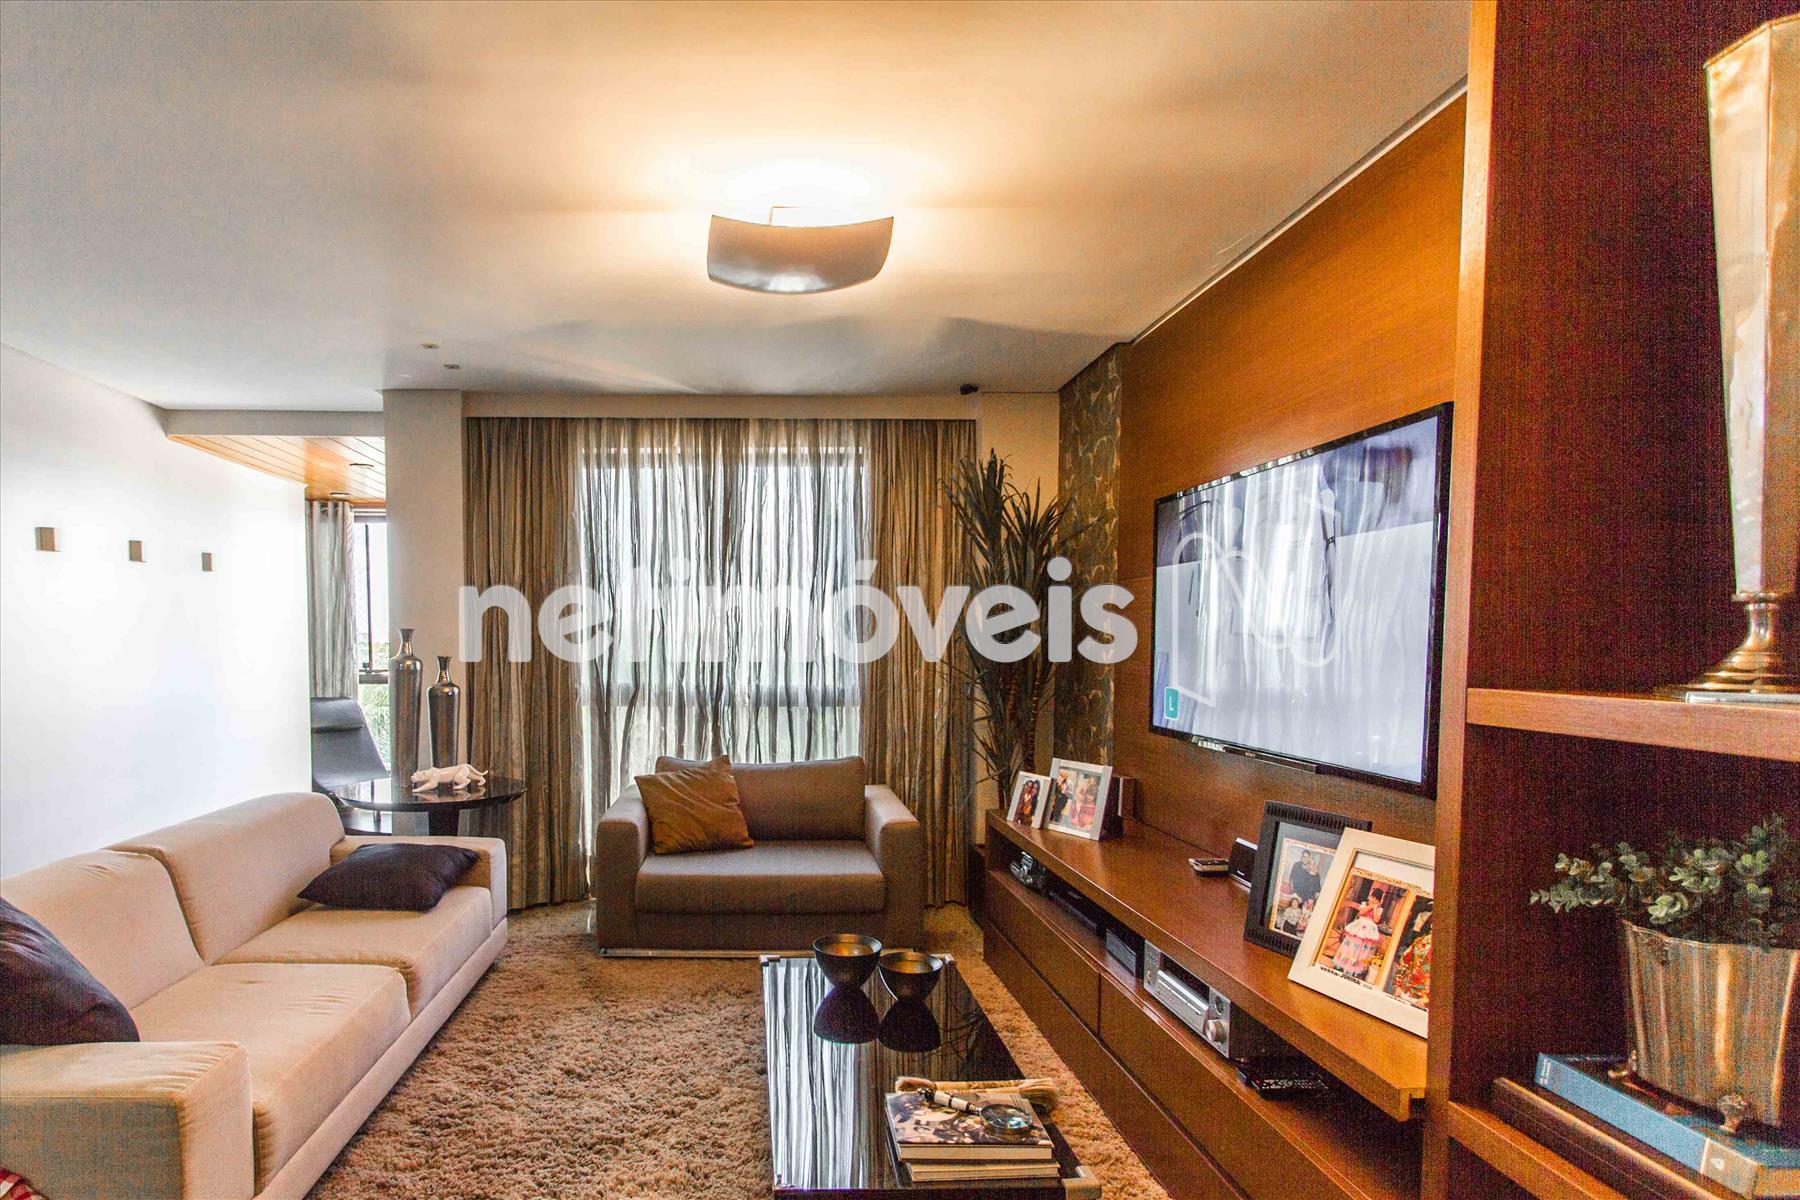 apartamento 4 quartos,distrito federal,setor sudoeste,brasília,